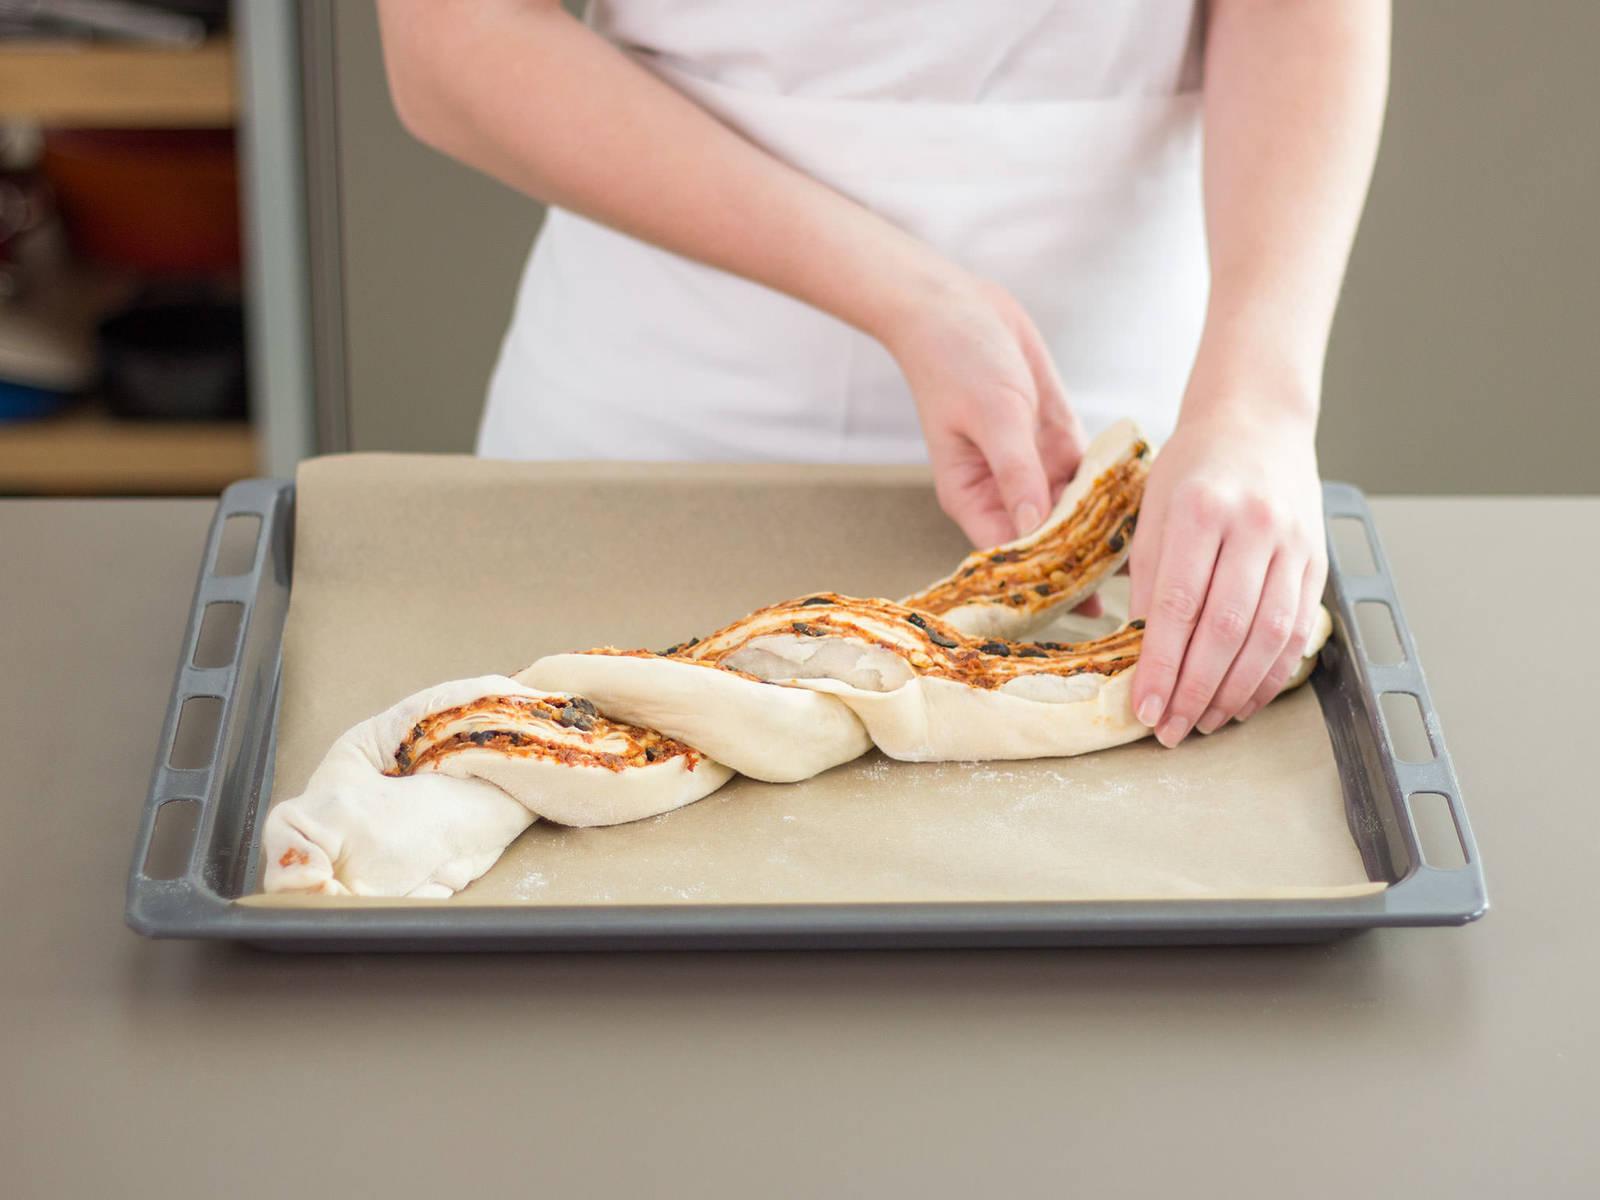 将面团放到铺好烘焙纸的烤板上。面团切半,然后编成辫子状。 将加工好的面团转移到预热好的烤箱中,以180摄氏度/350华氏度的温度烘焙35-45分钟。